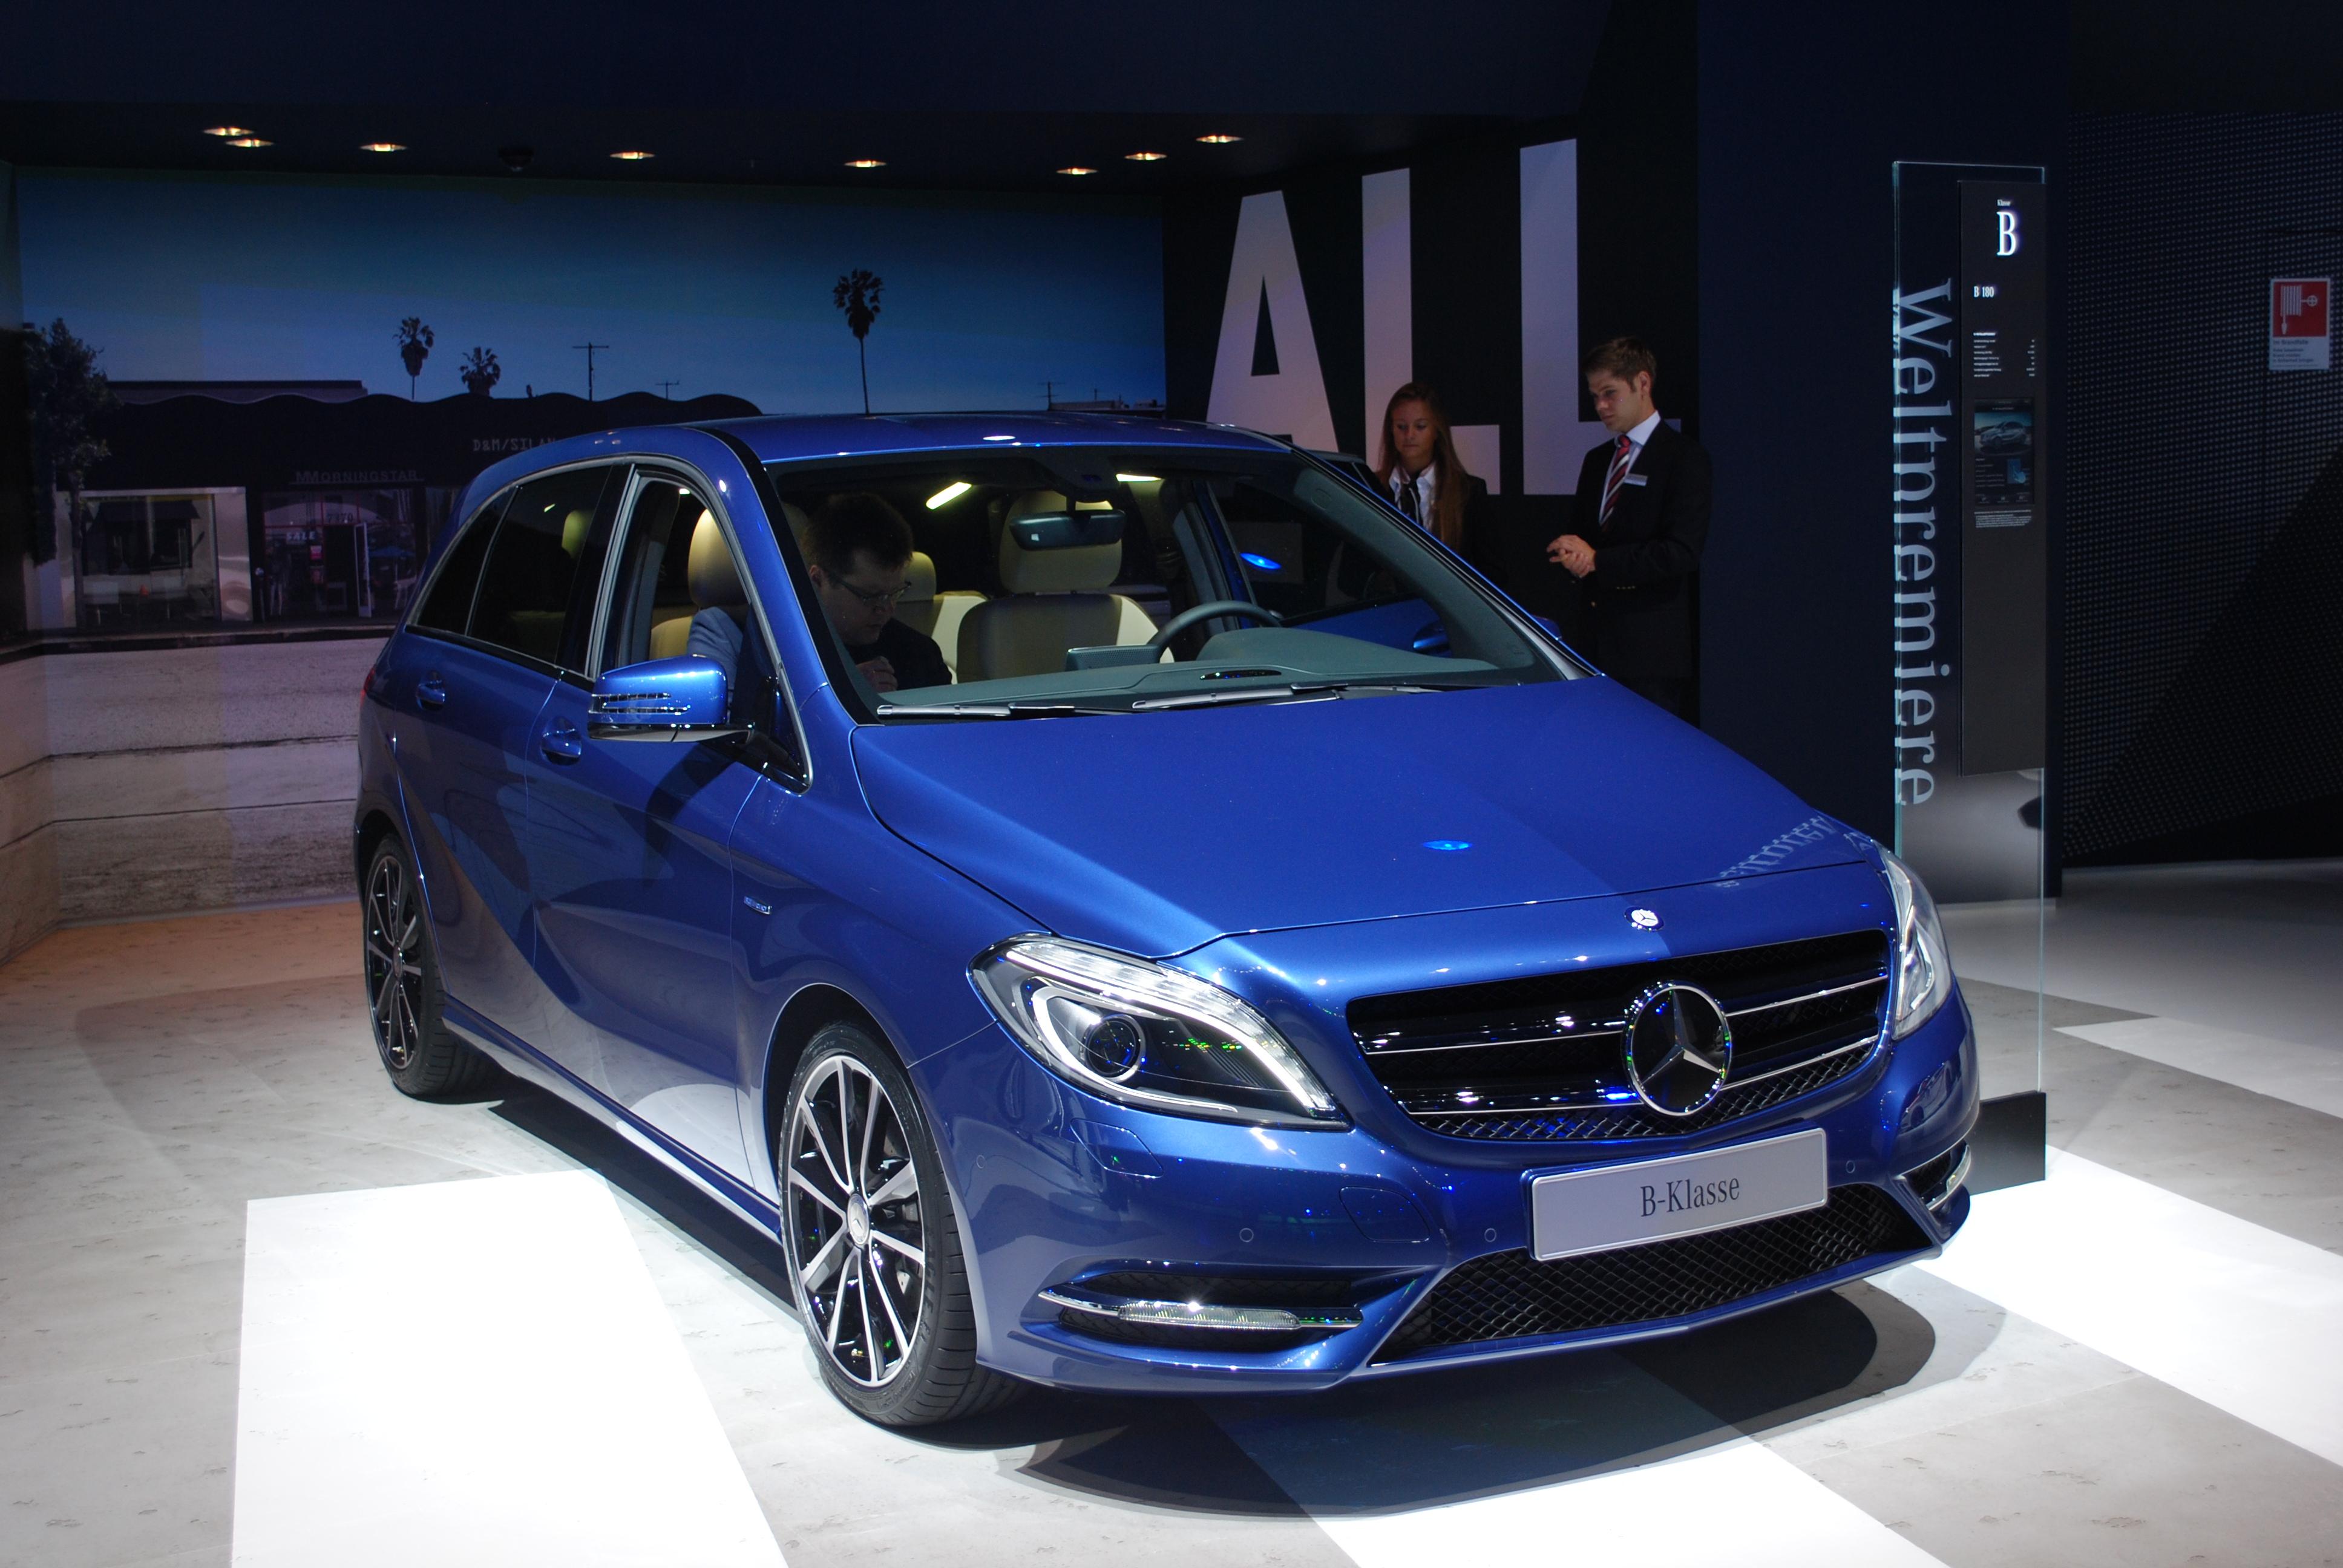 Mercedes benz a class фото